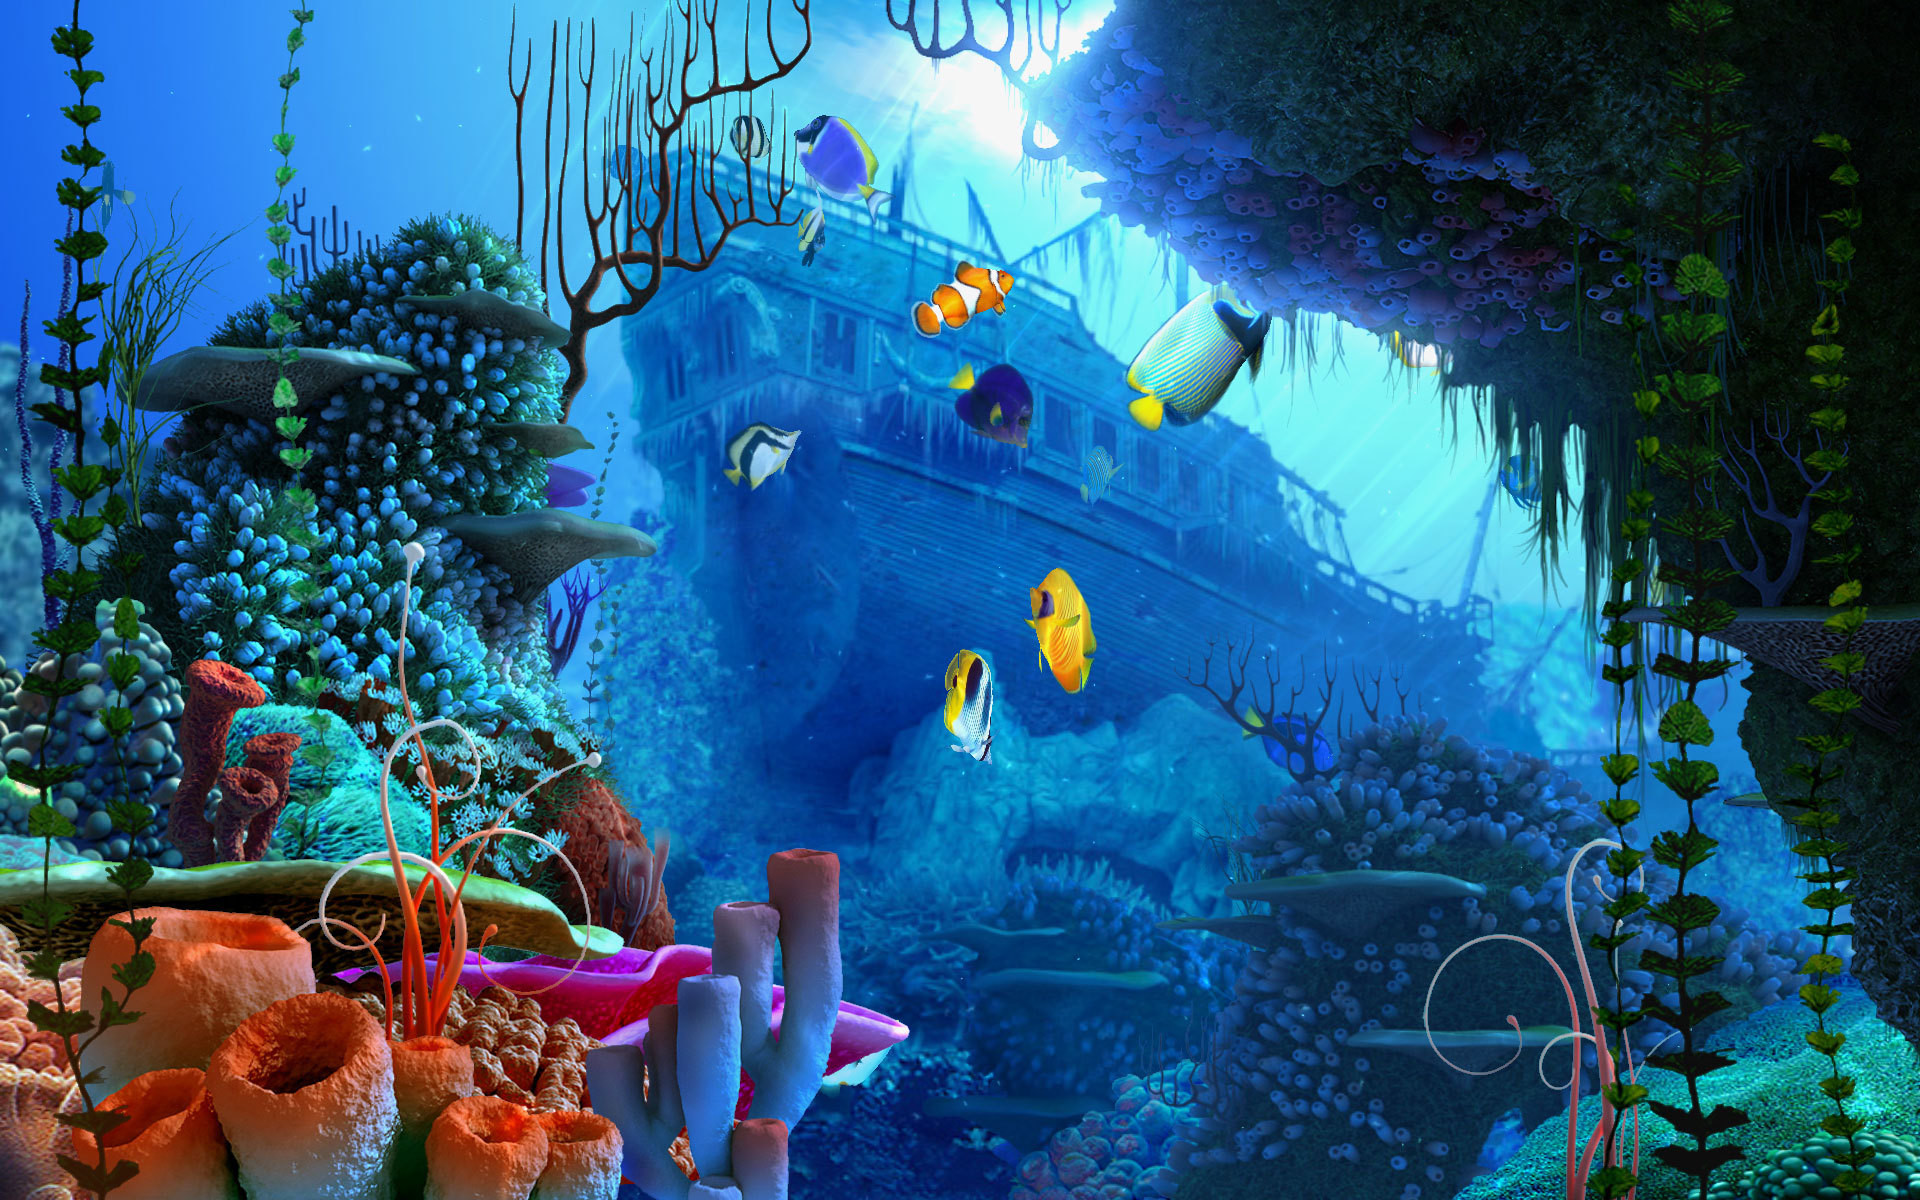 Aquarium wallpaper – 274780